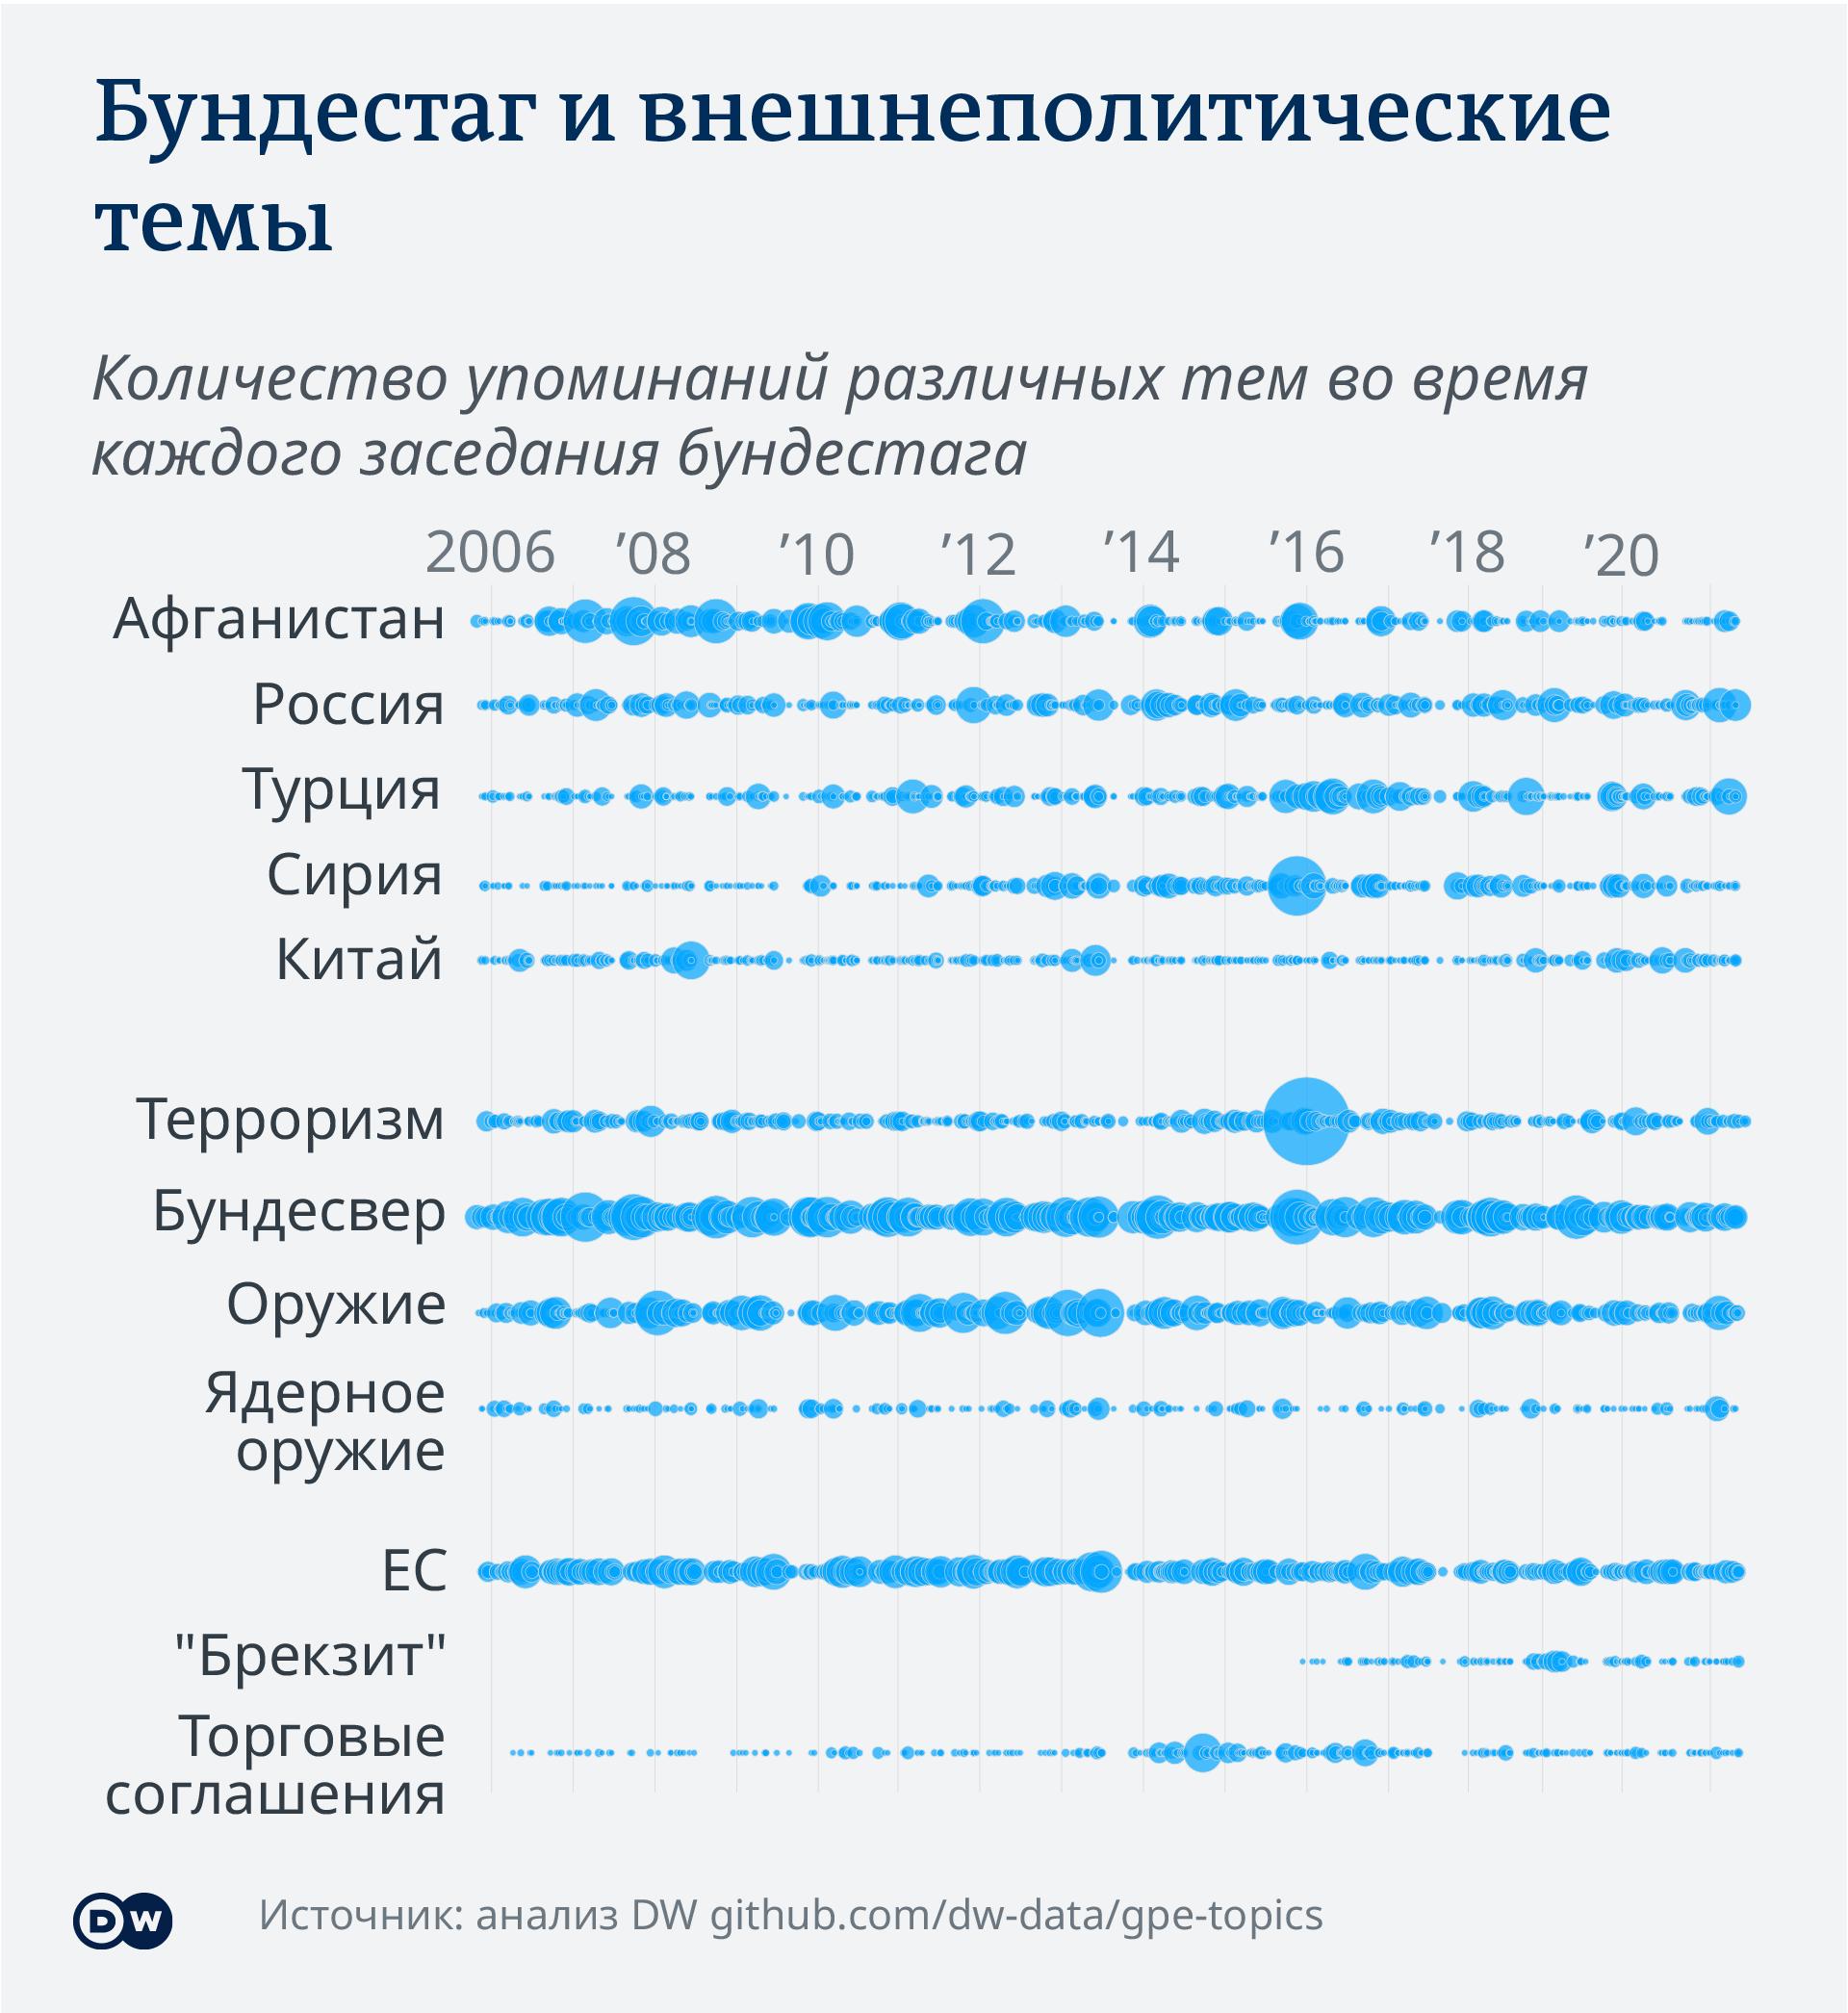 Инфографика Бундестаг и внешнеполитические темы